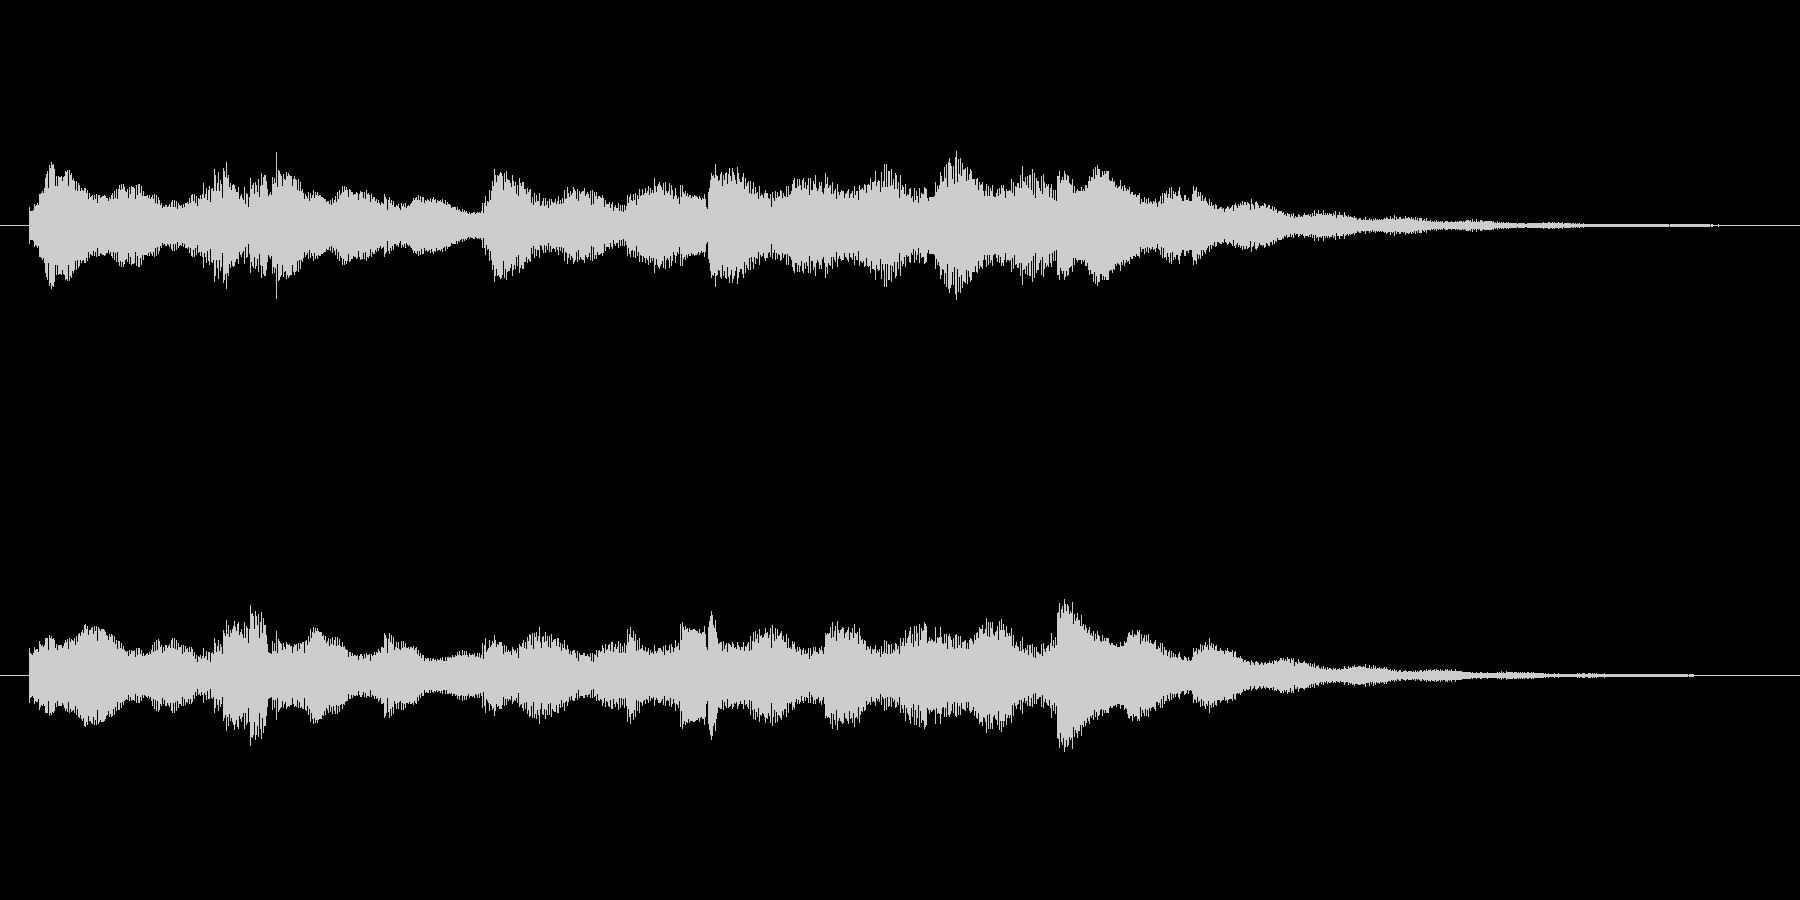 可愛らしい小休止的なジングルの未再生の波形